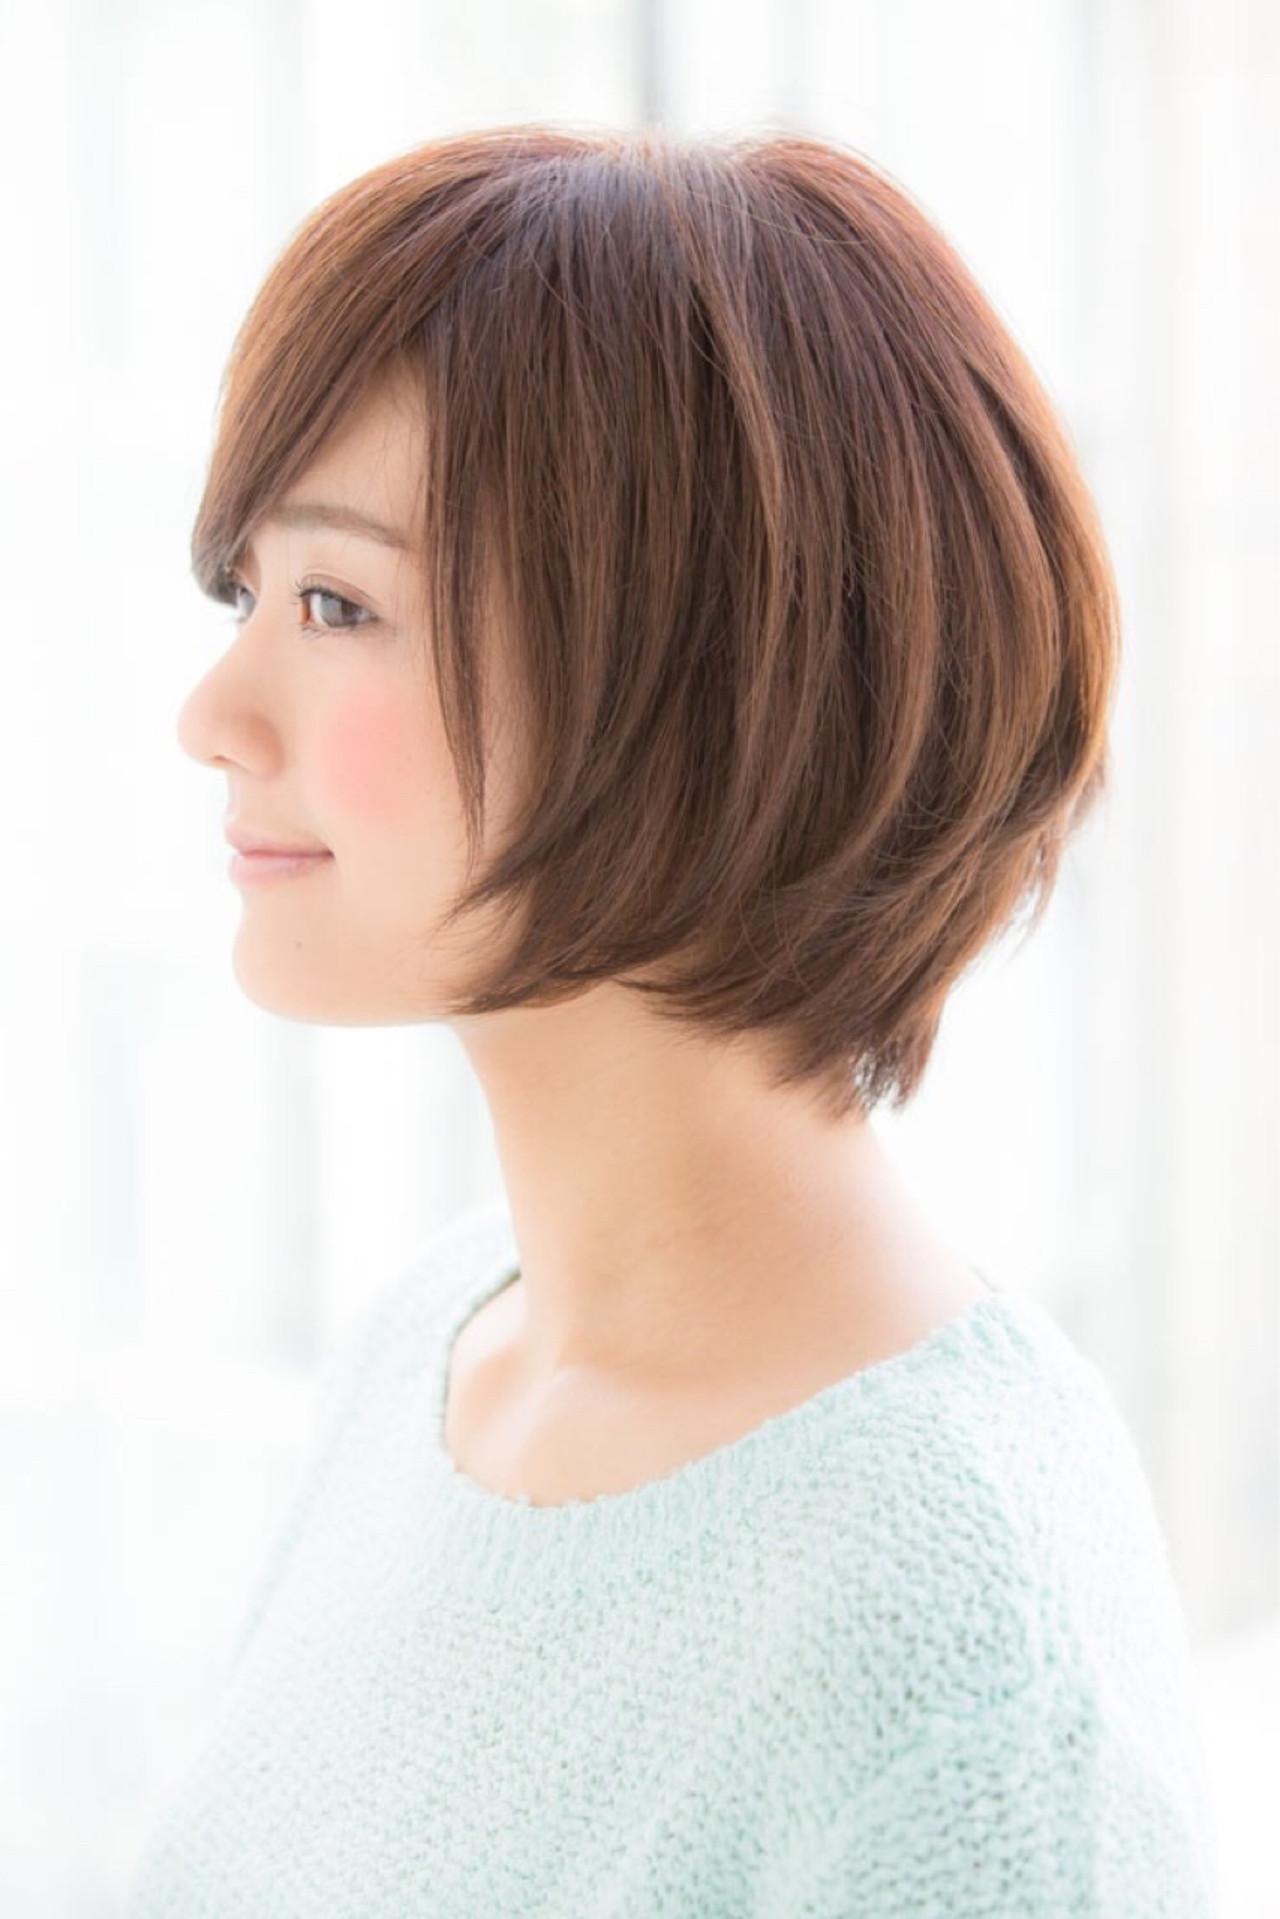 外ハネ パーマ オフィス デート ヘアスタイルや髪型の写真・画像 | 松下哲史 / Ramie omotesando